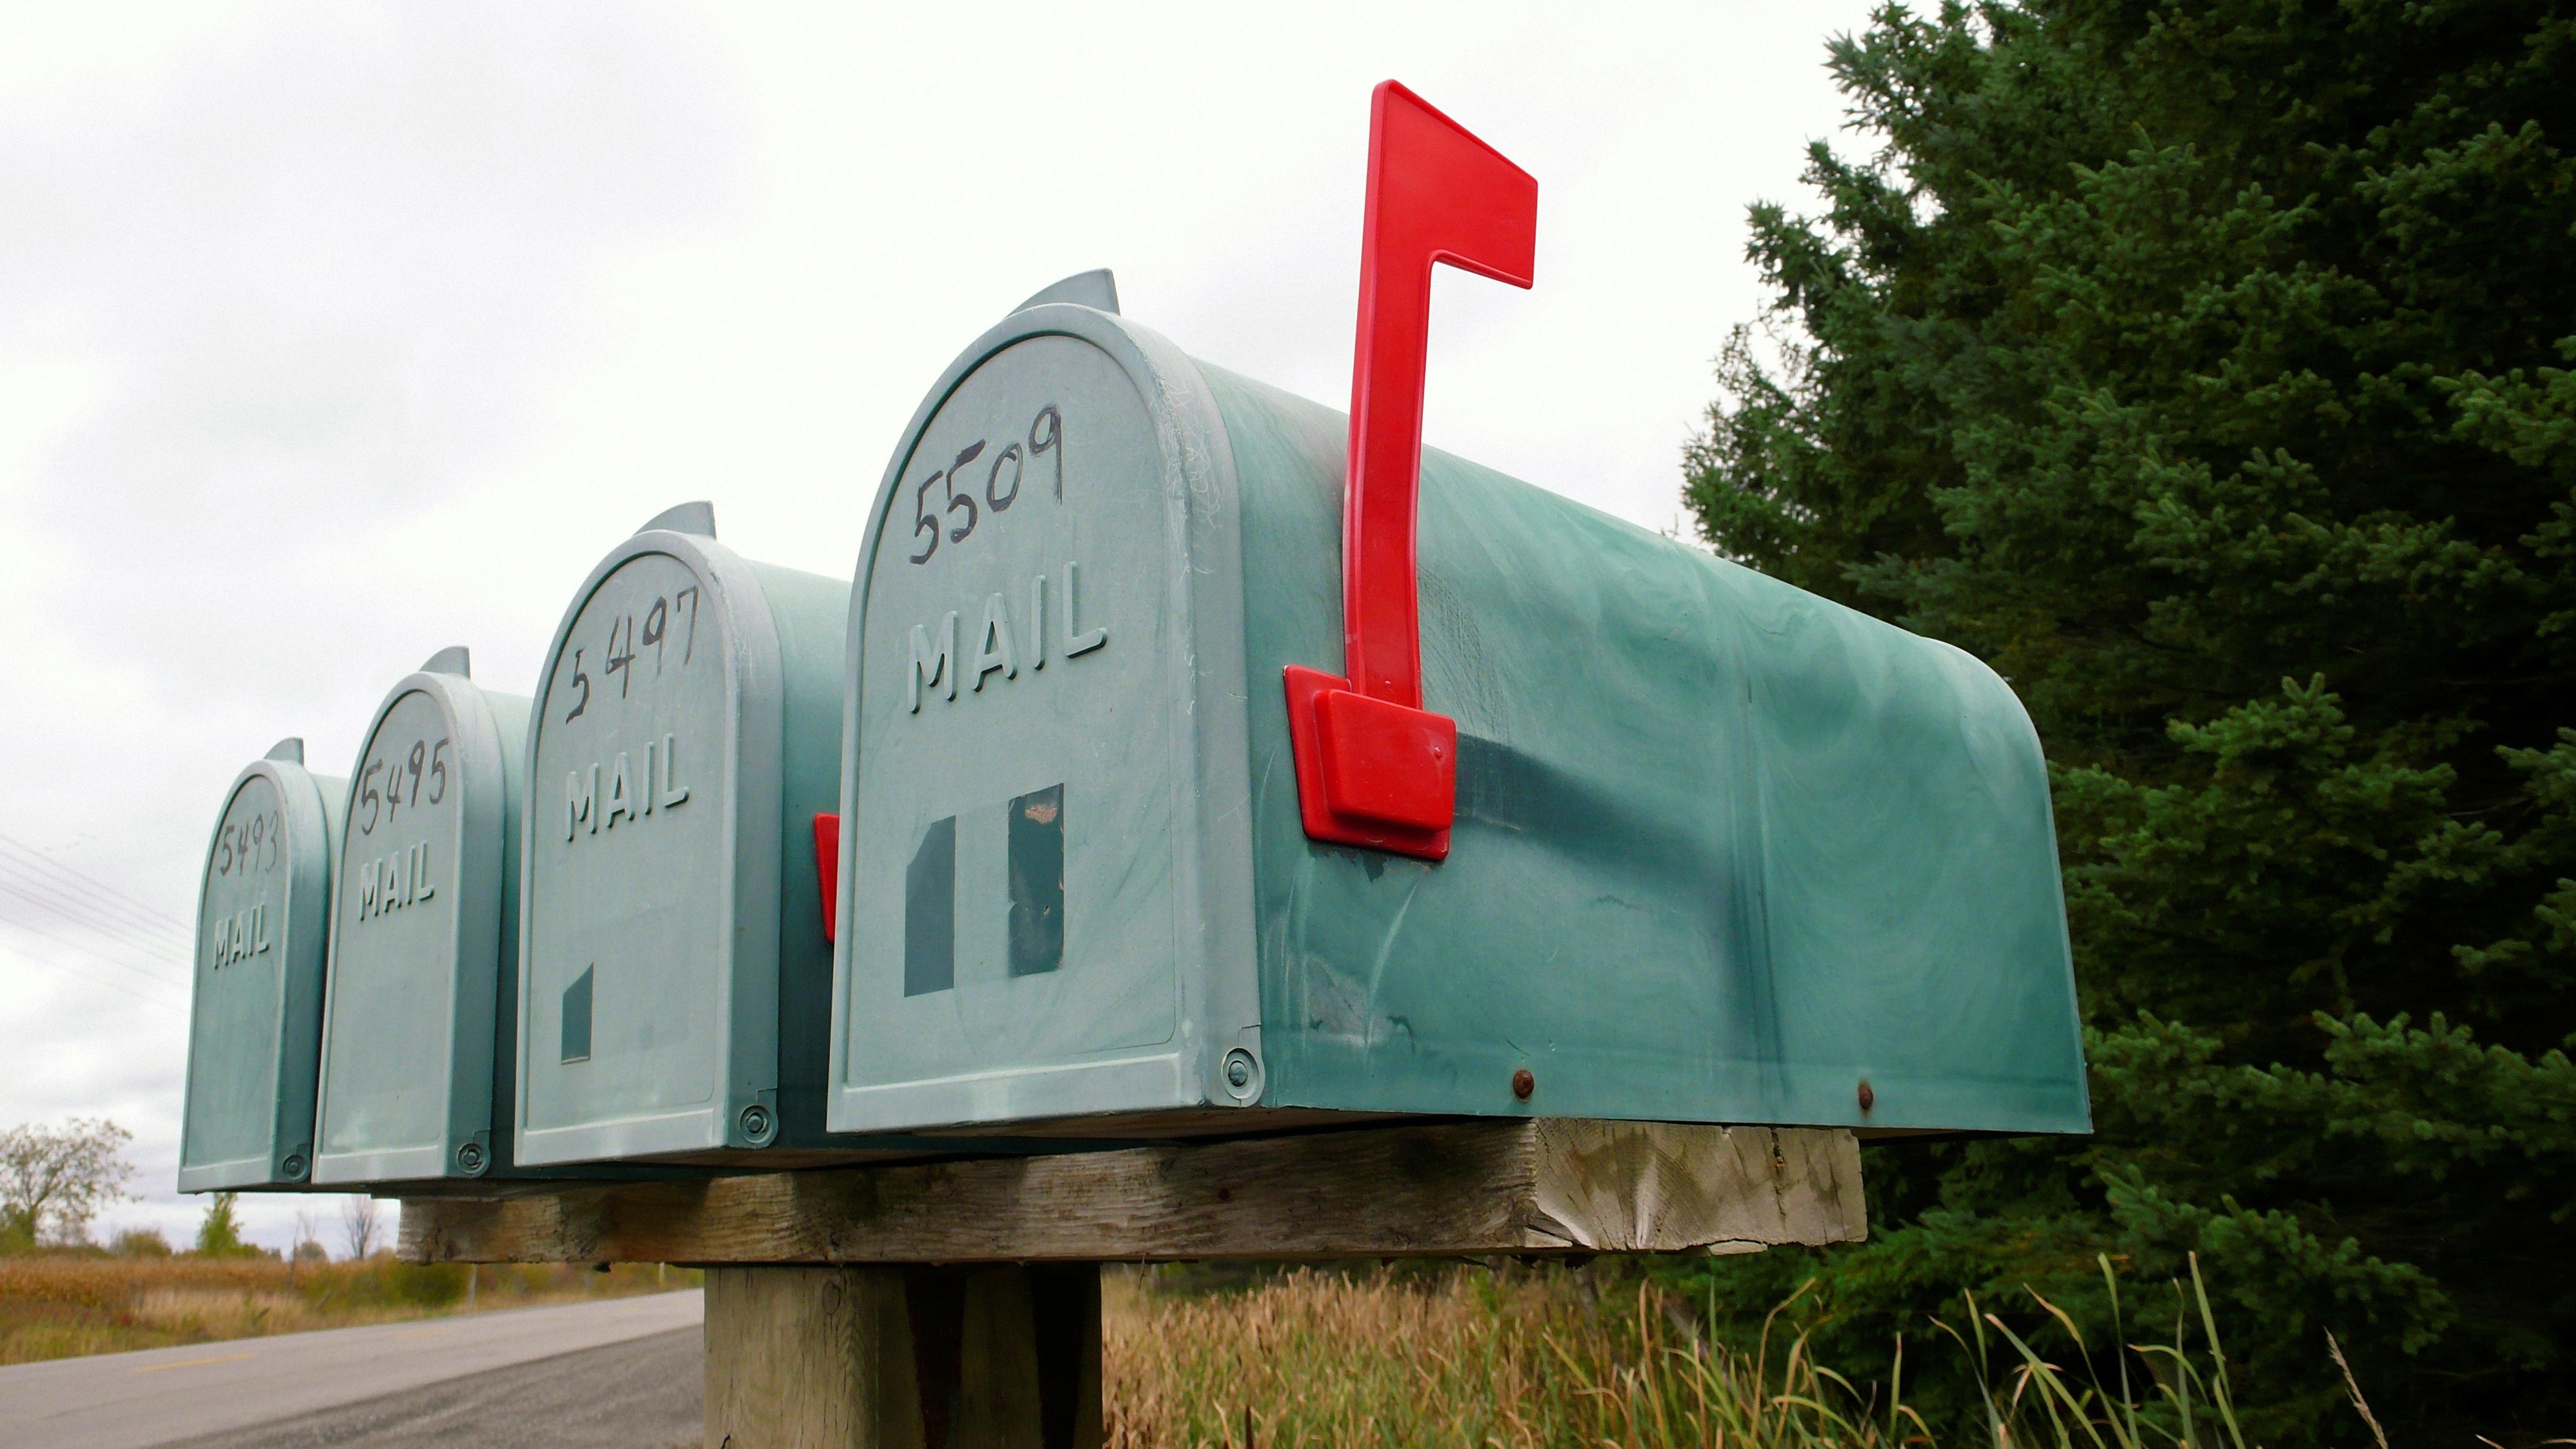 Mailbox copy